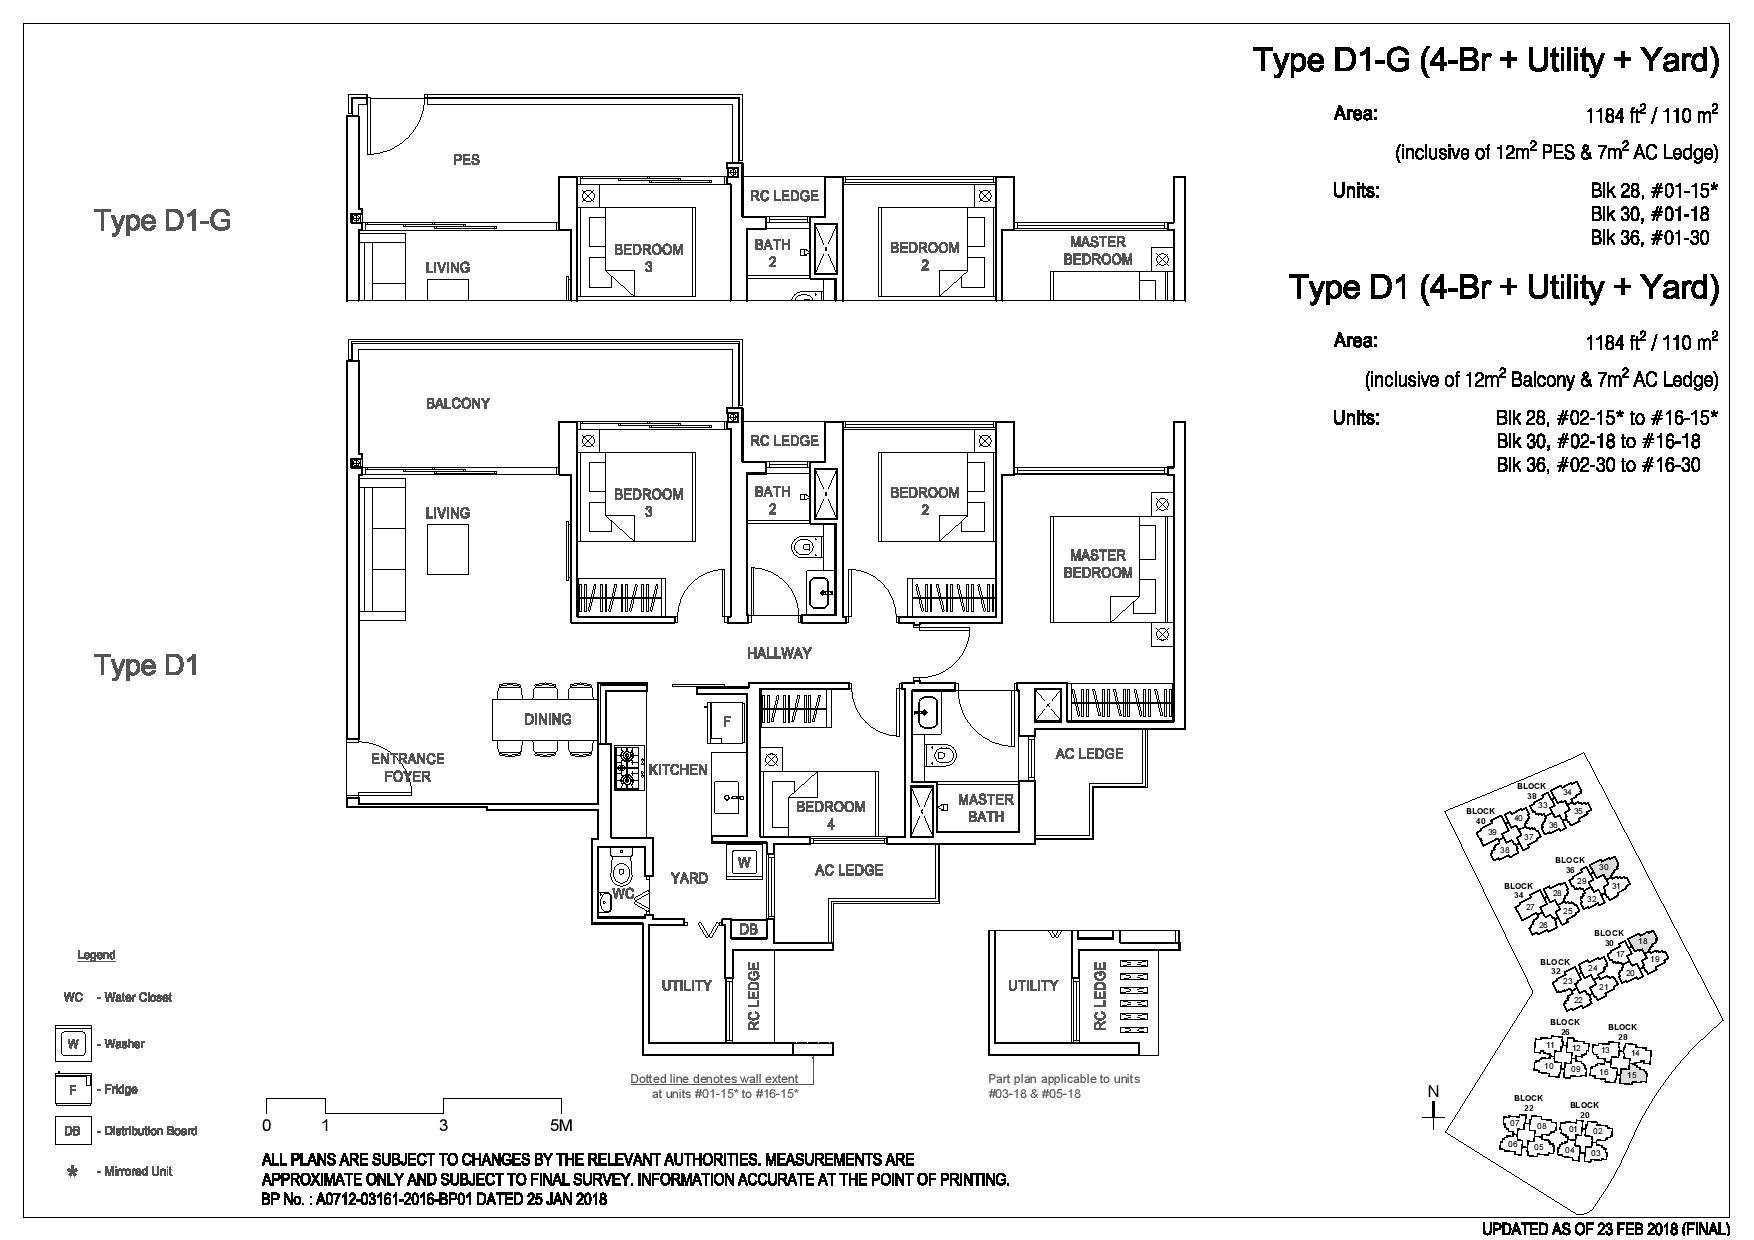 3 Bedroom Type D1